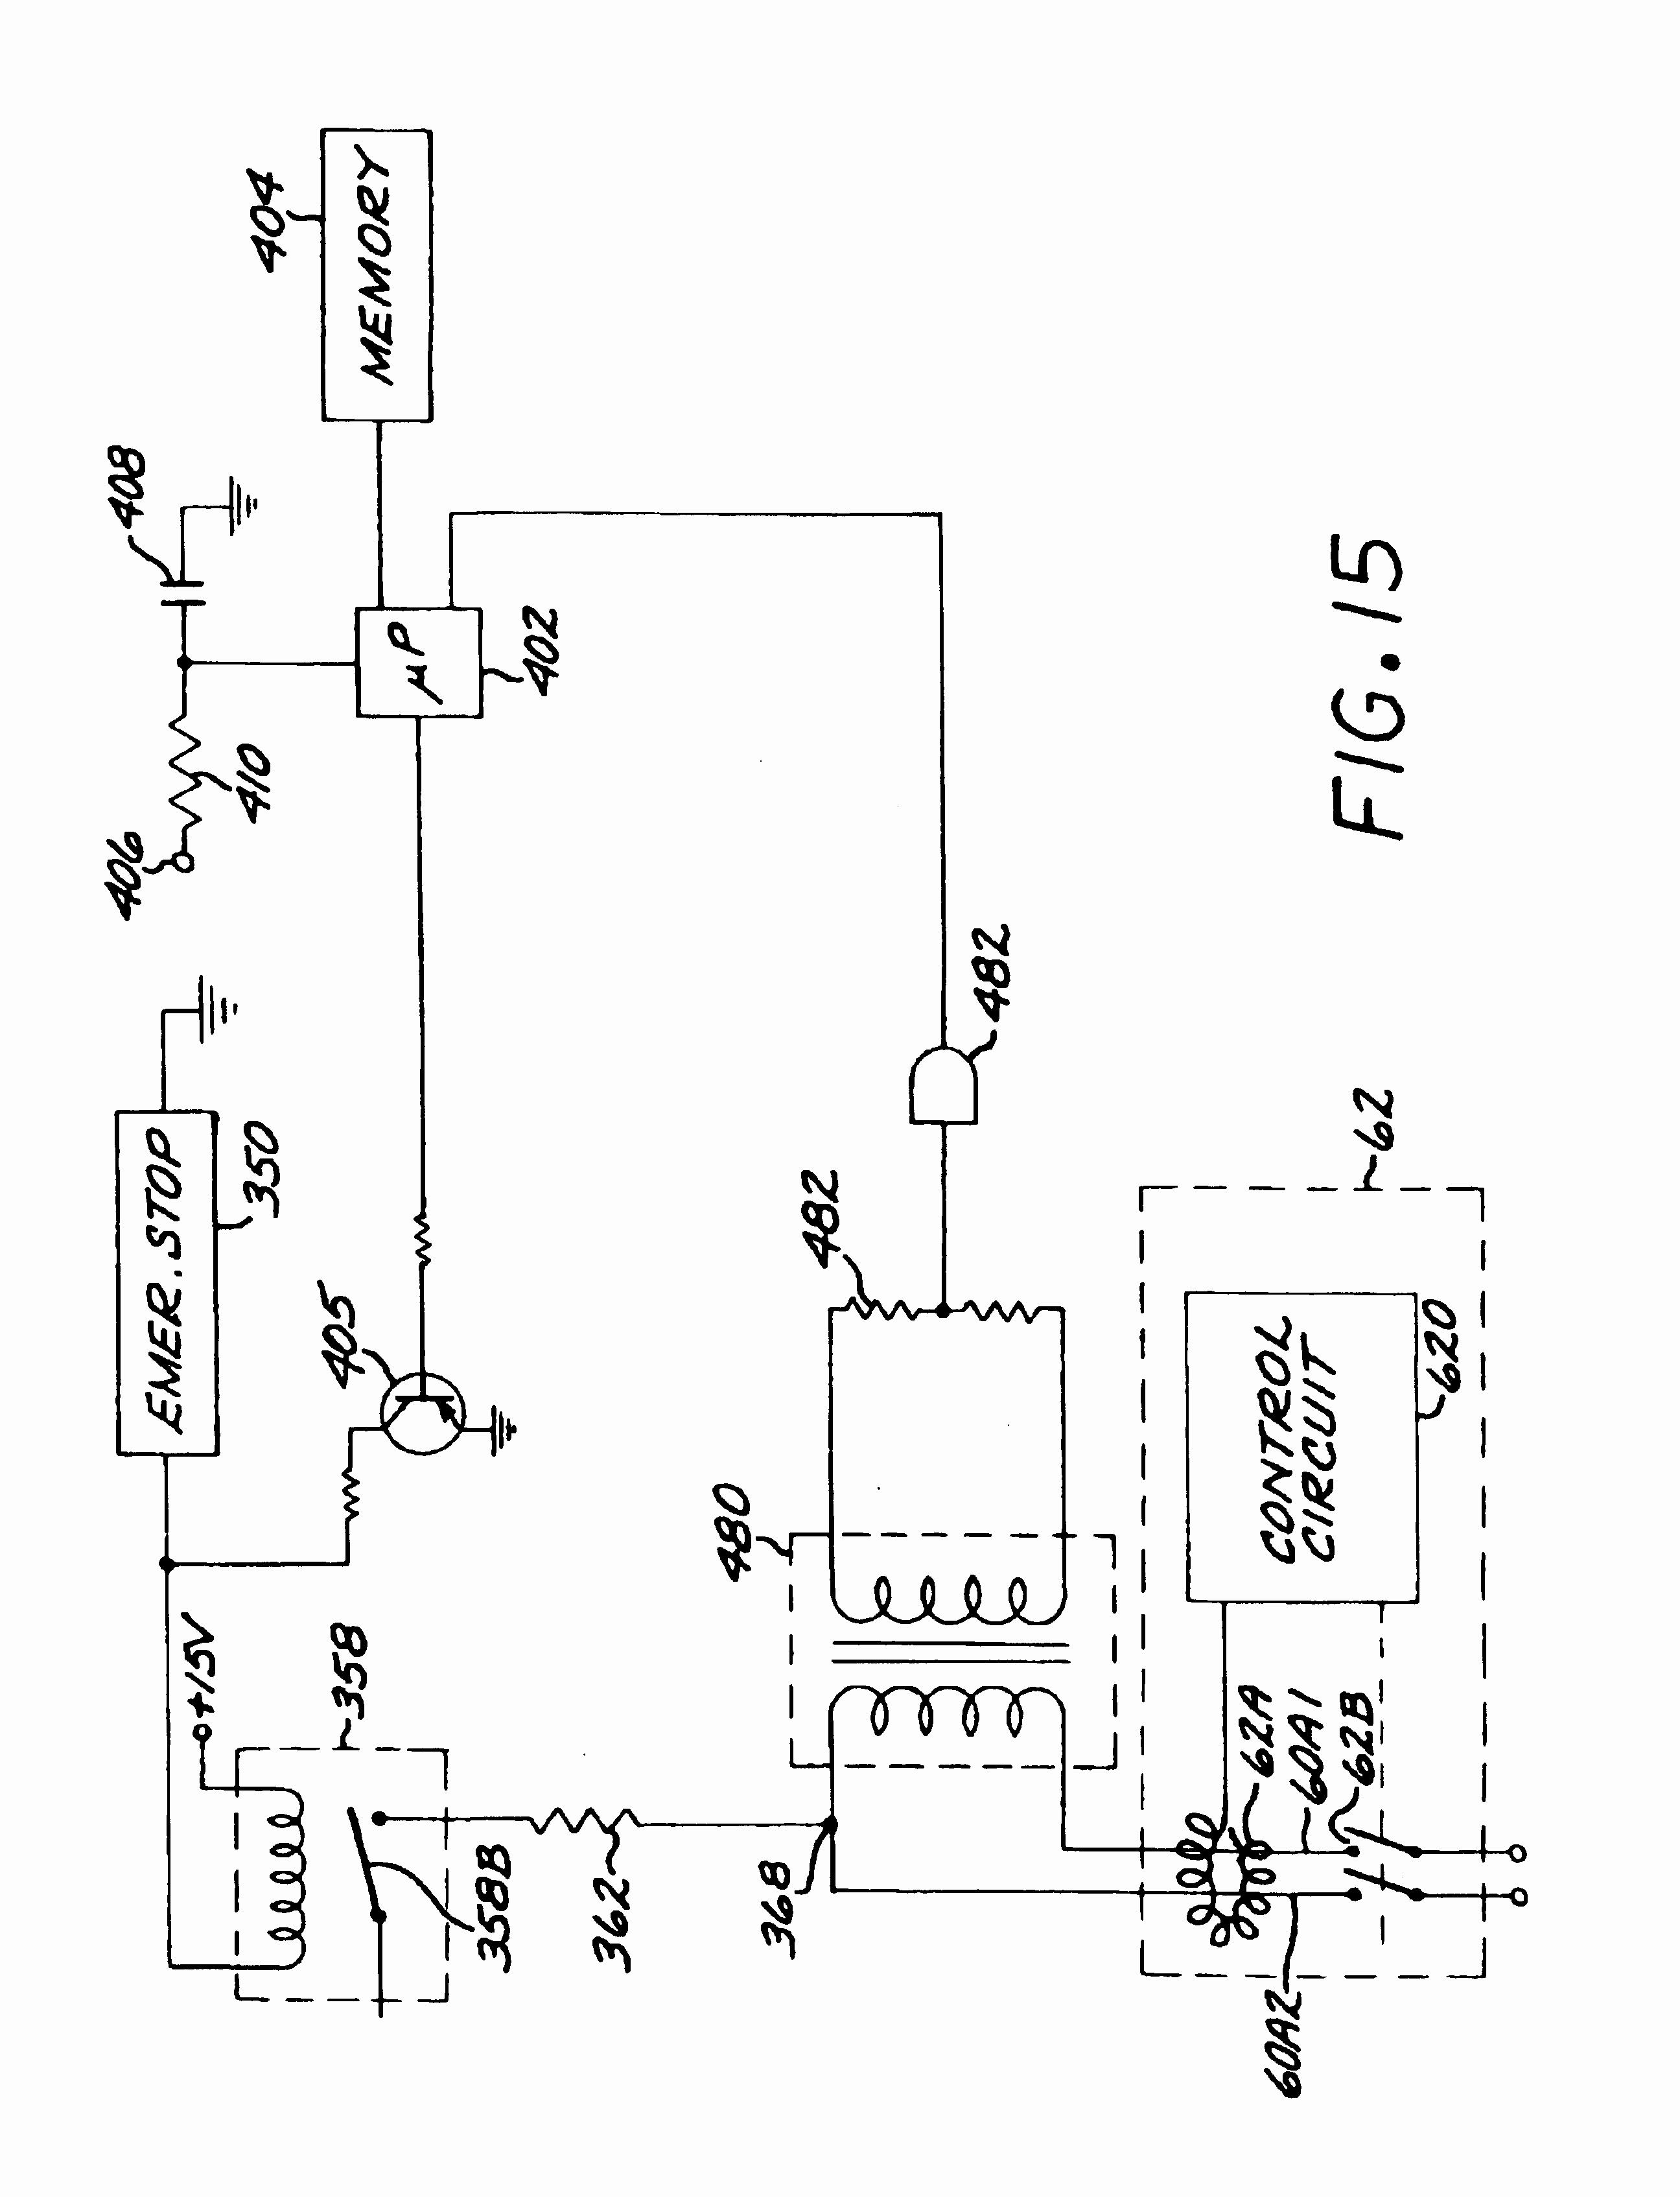 swimming pool timer wiring diagram